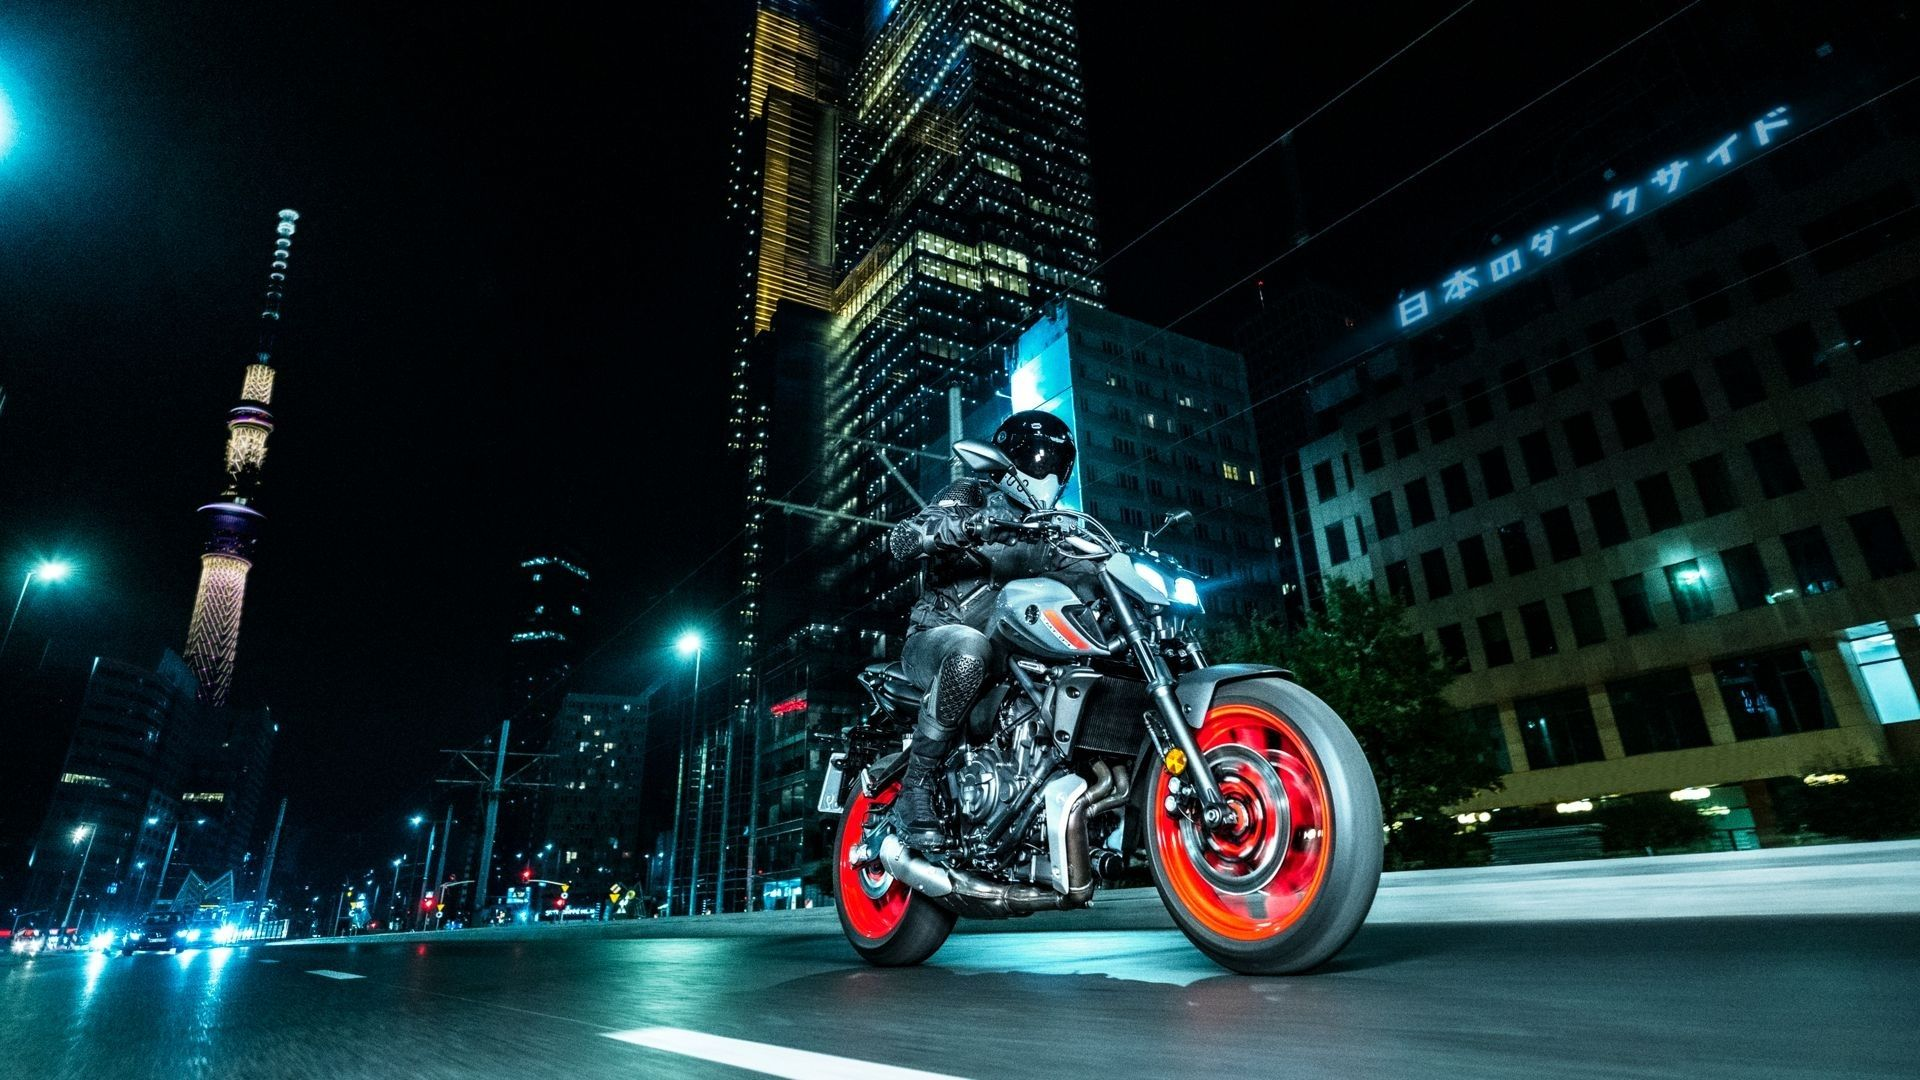 YAMAHA MT07 moto nouveau modèle roadster